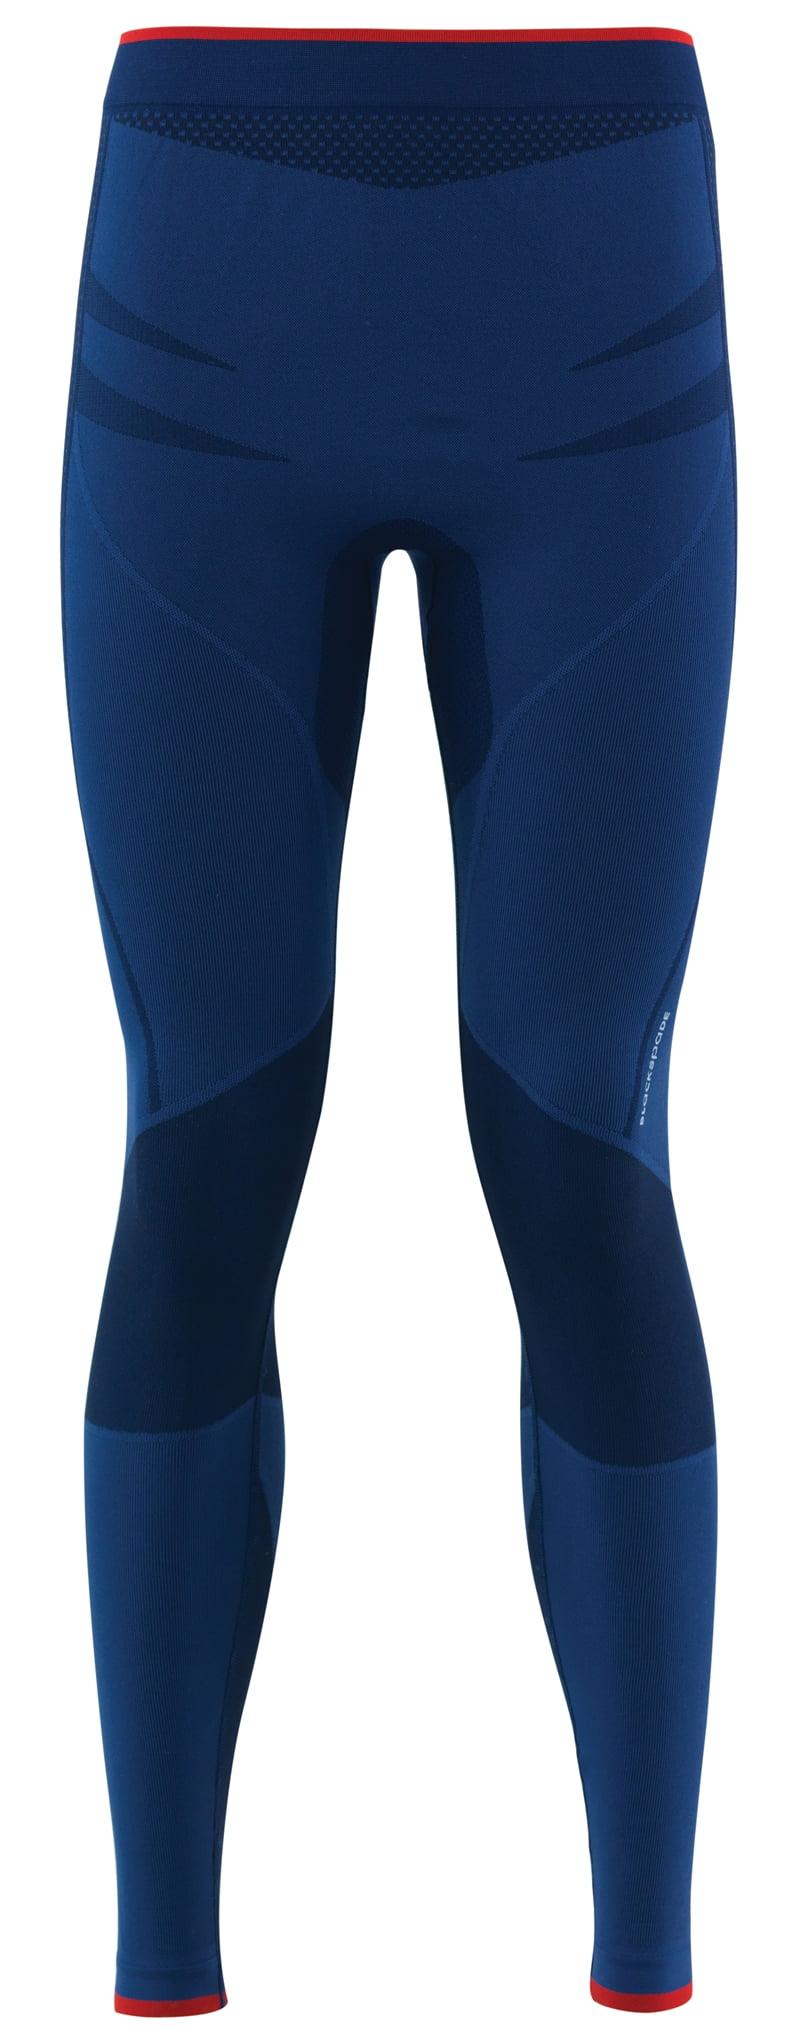 Эластичные термолегинсы PRO unisex синего цвета II степень защиты BlackSpade Thermo b9572 синий